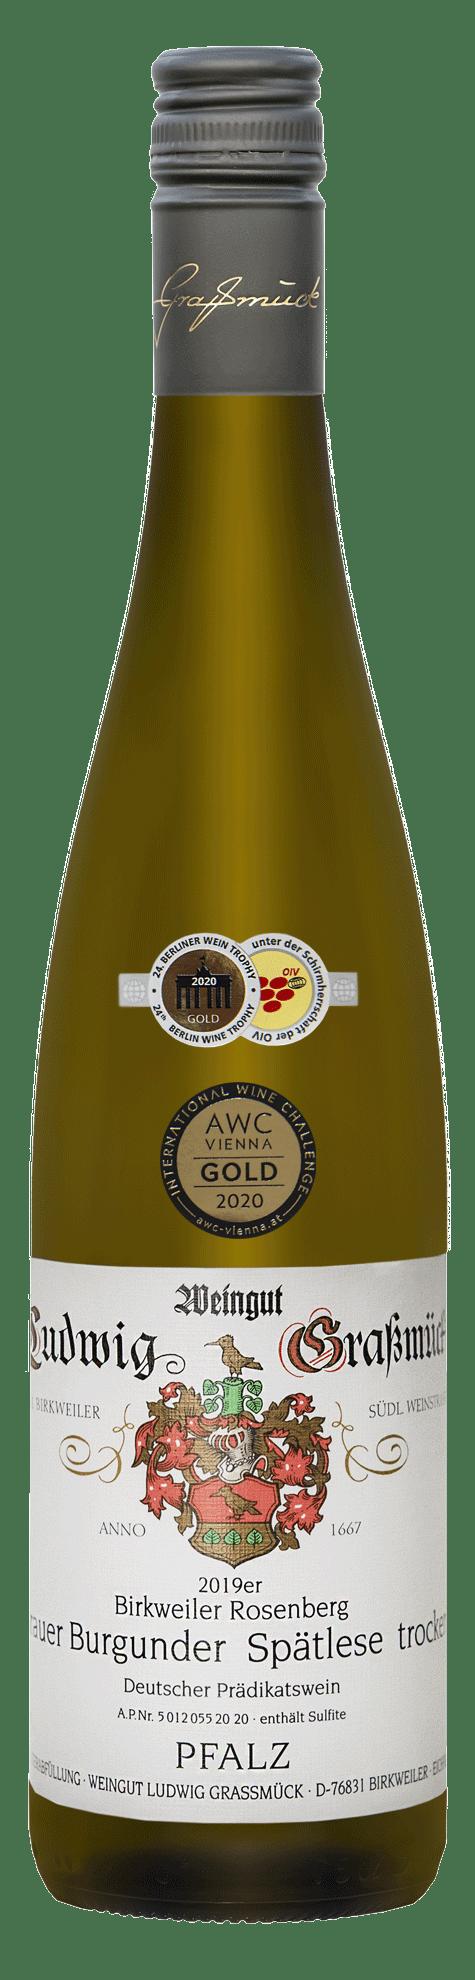 Weingut Ludwig Graßmück, Simon Graßmück, Grauer-Burgunder-Spätlese-trocken-2019 mit Auszeichnung